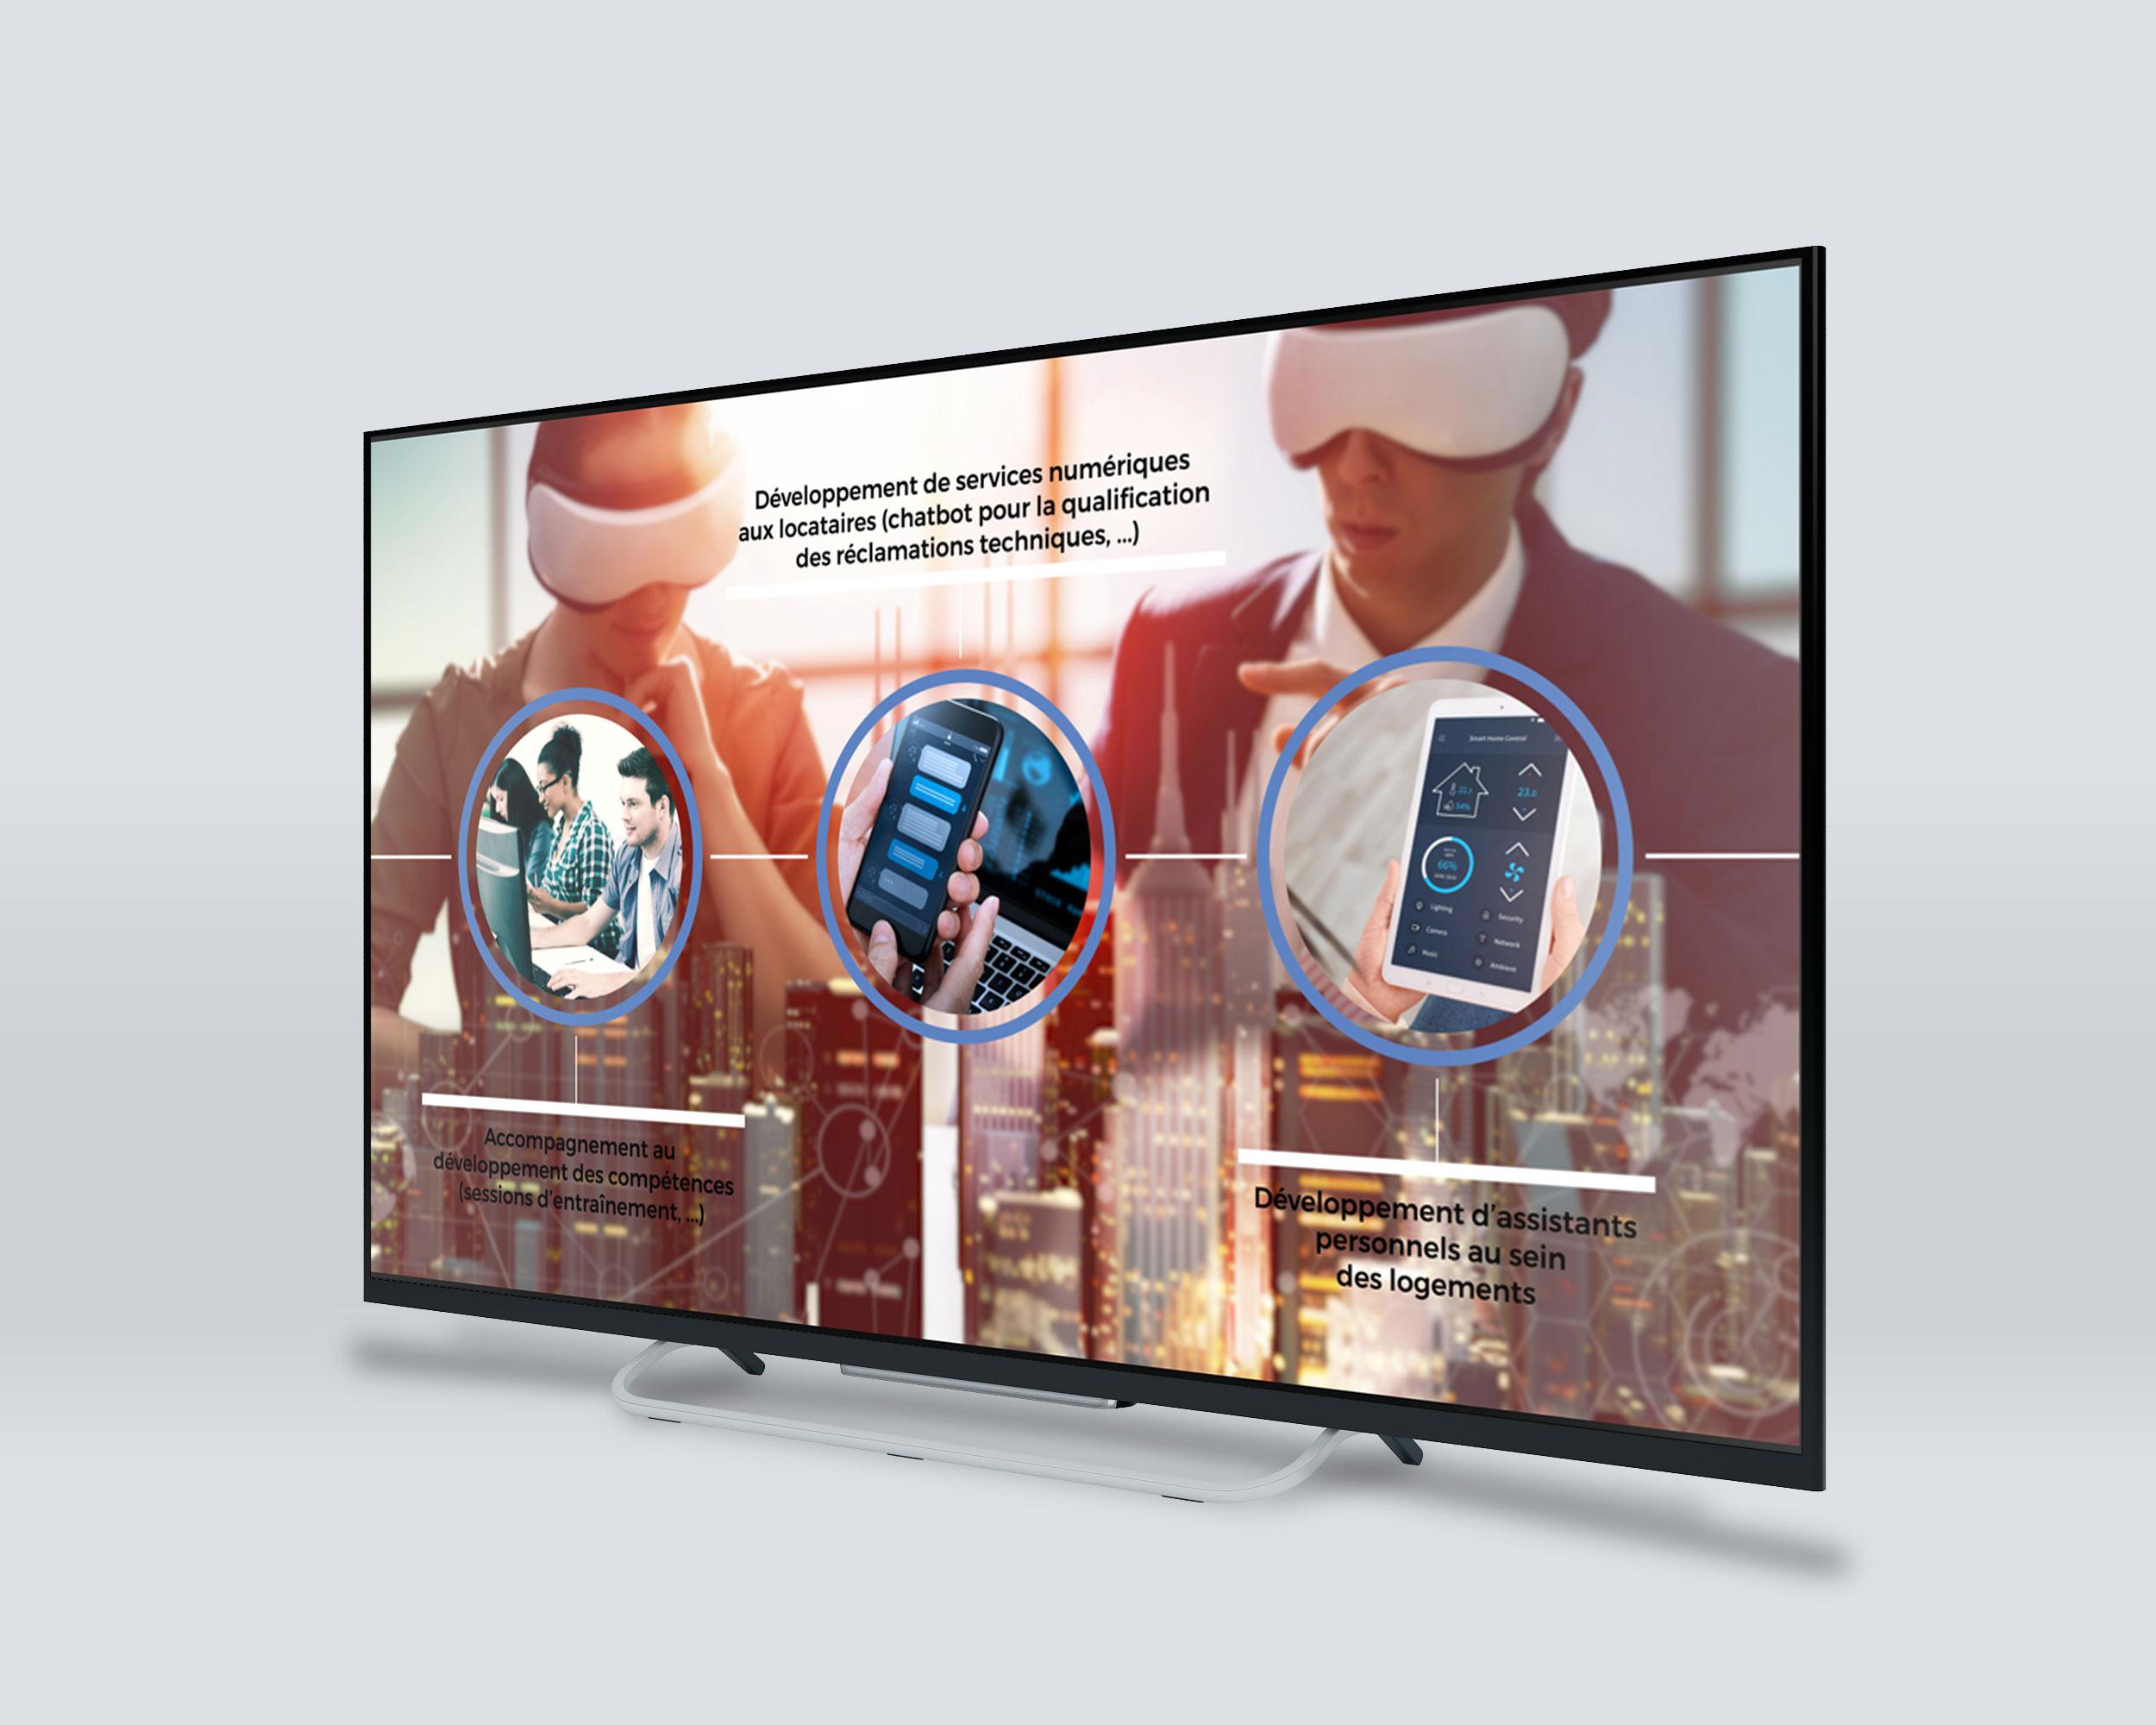 Give You Wings, Studio graphique | Réalisation pour Digital Morpho® d'un clip présentant la transformation digitale dans le secteur du logement (3/3)